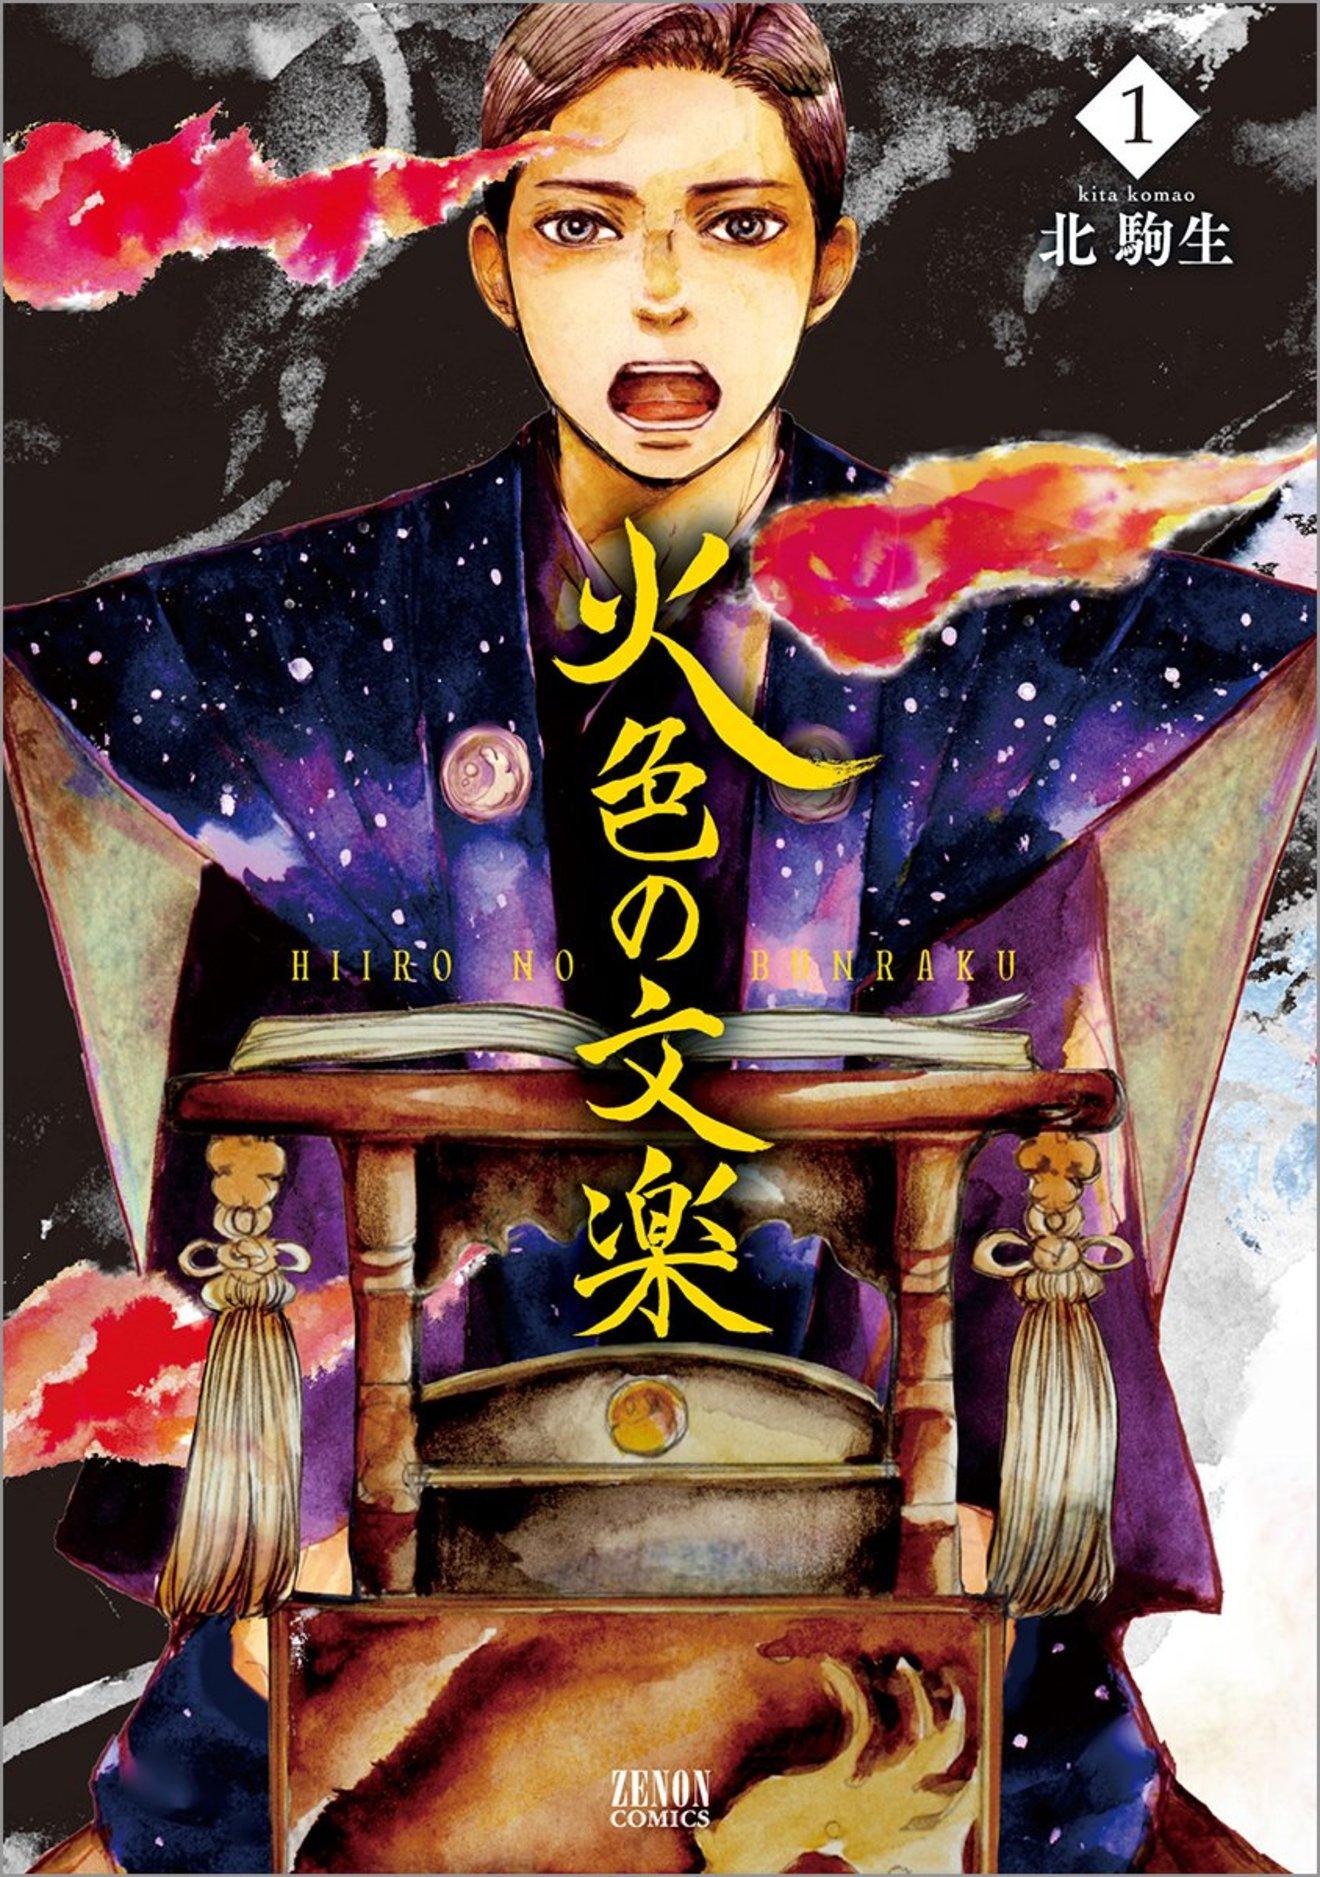 『火色の文楽』全巻ネタバレ紹介!夢を絶たれた少年の挑戦の物語【無料】